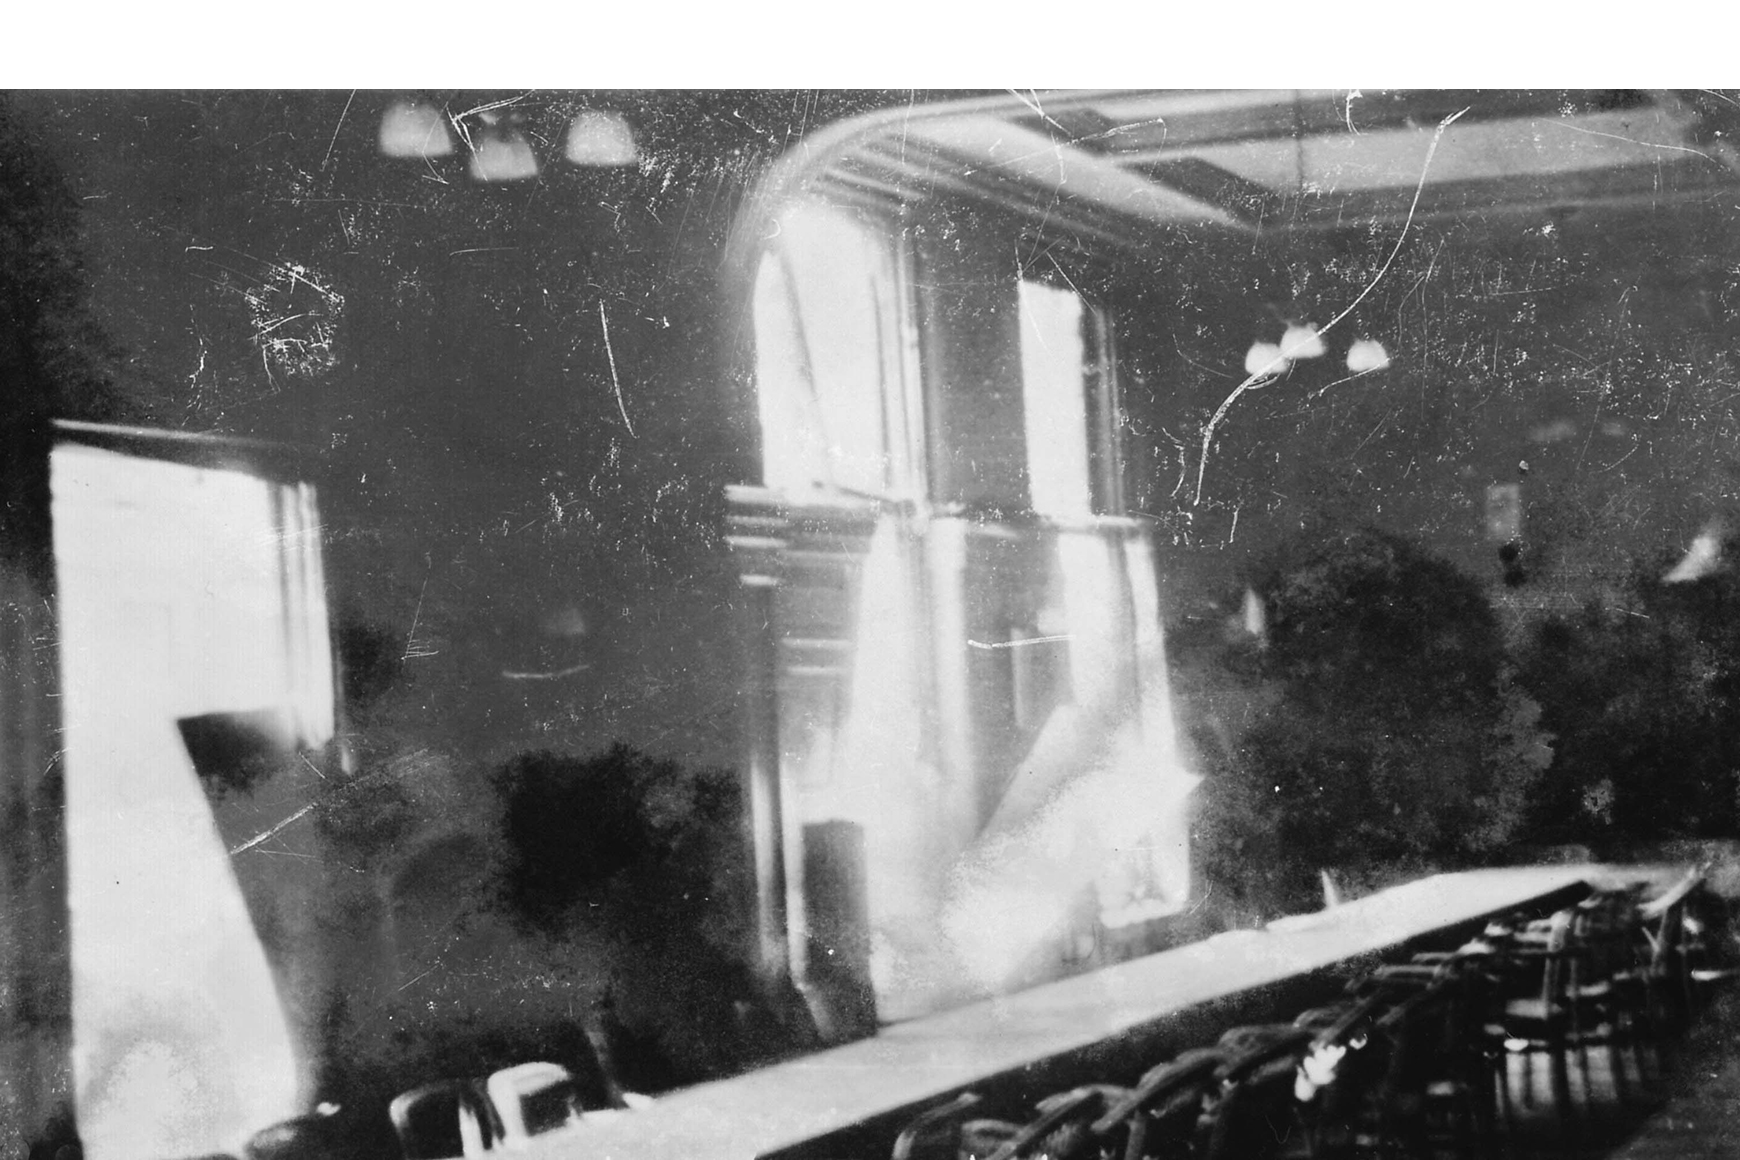 Foto Van der Aa, Wageningen, mei 1945 - Collectie Margit Willems